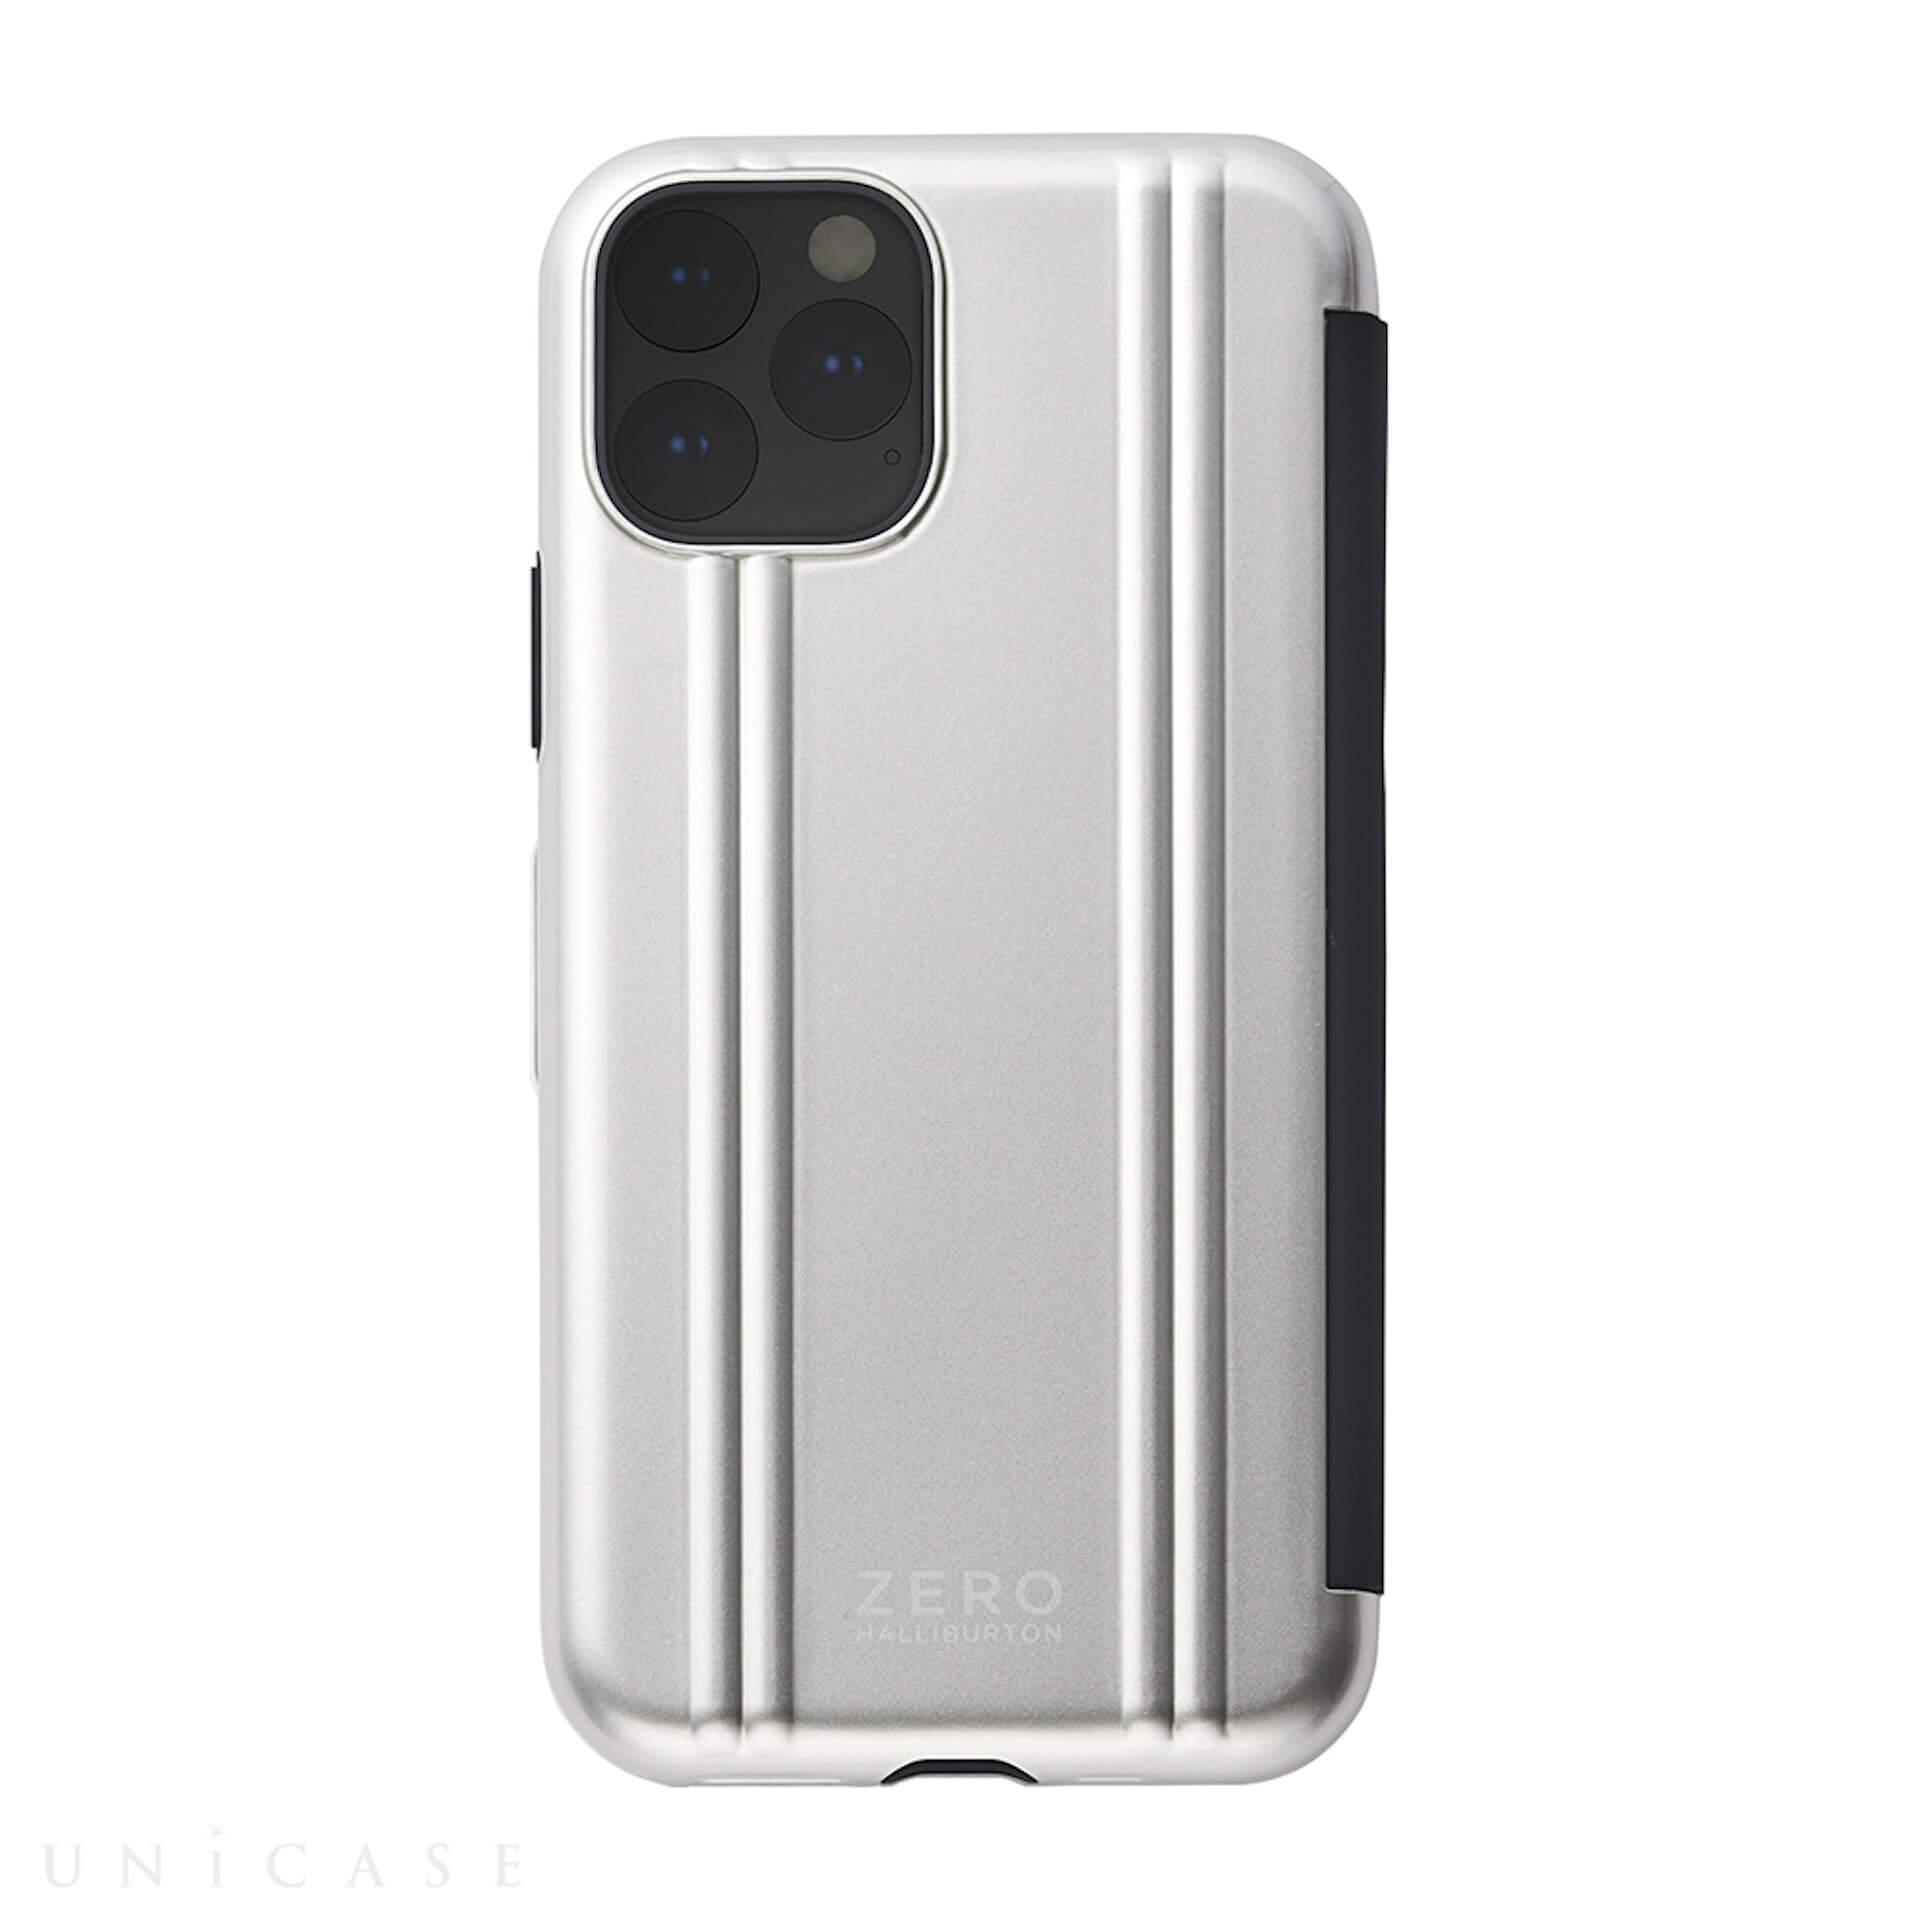 早くもiPhone 11 Pro&Pro Max対応のケースがUNiCASEから登場! tech190911iphone-unicase_2